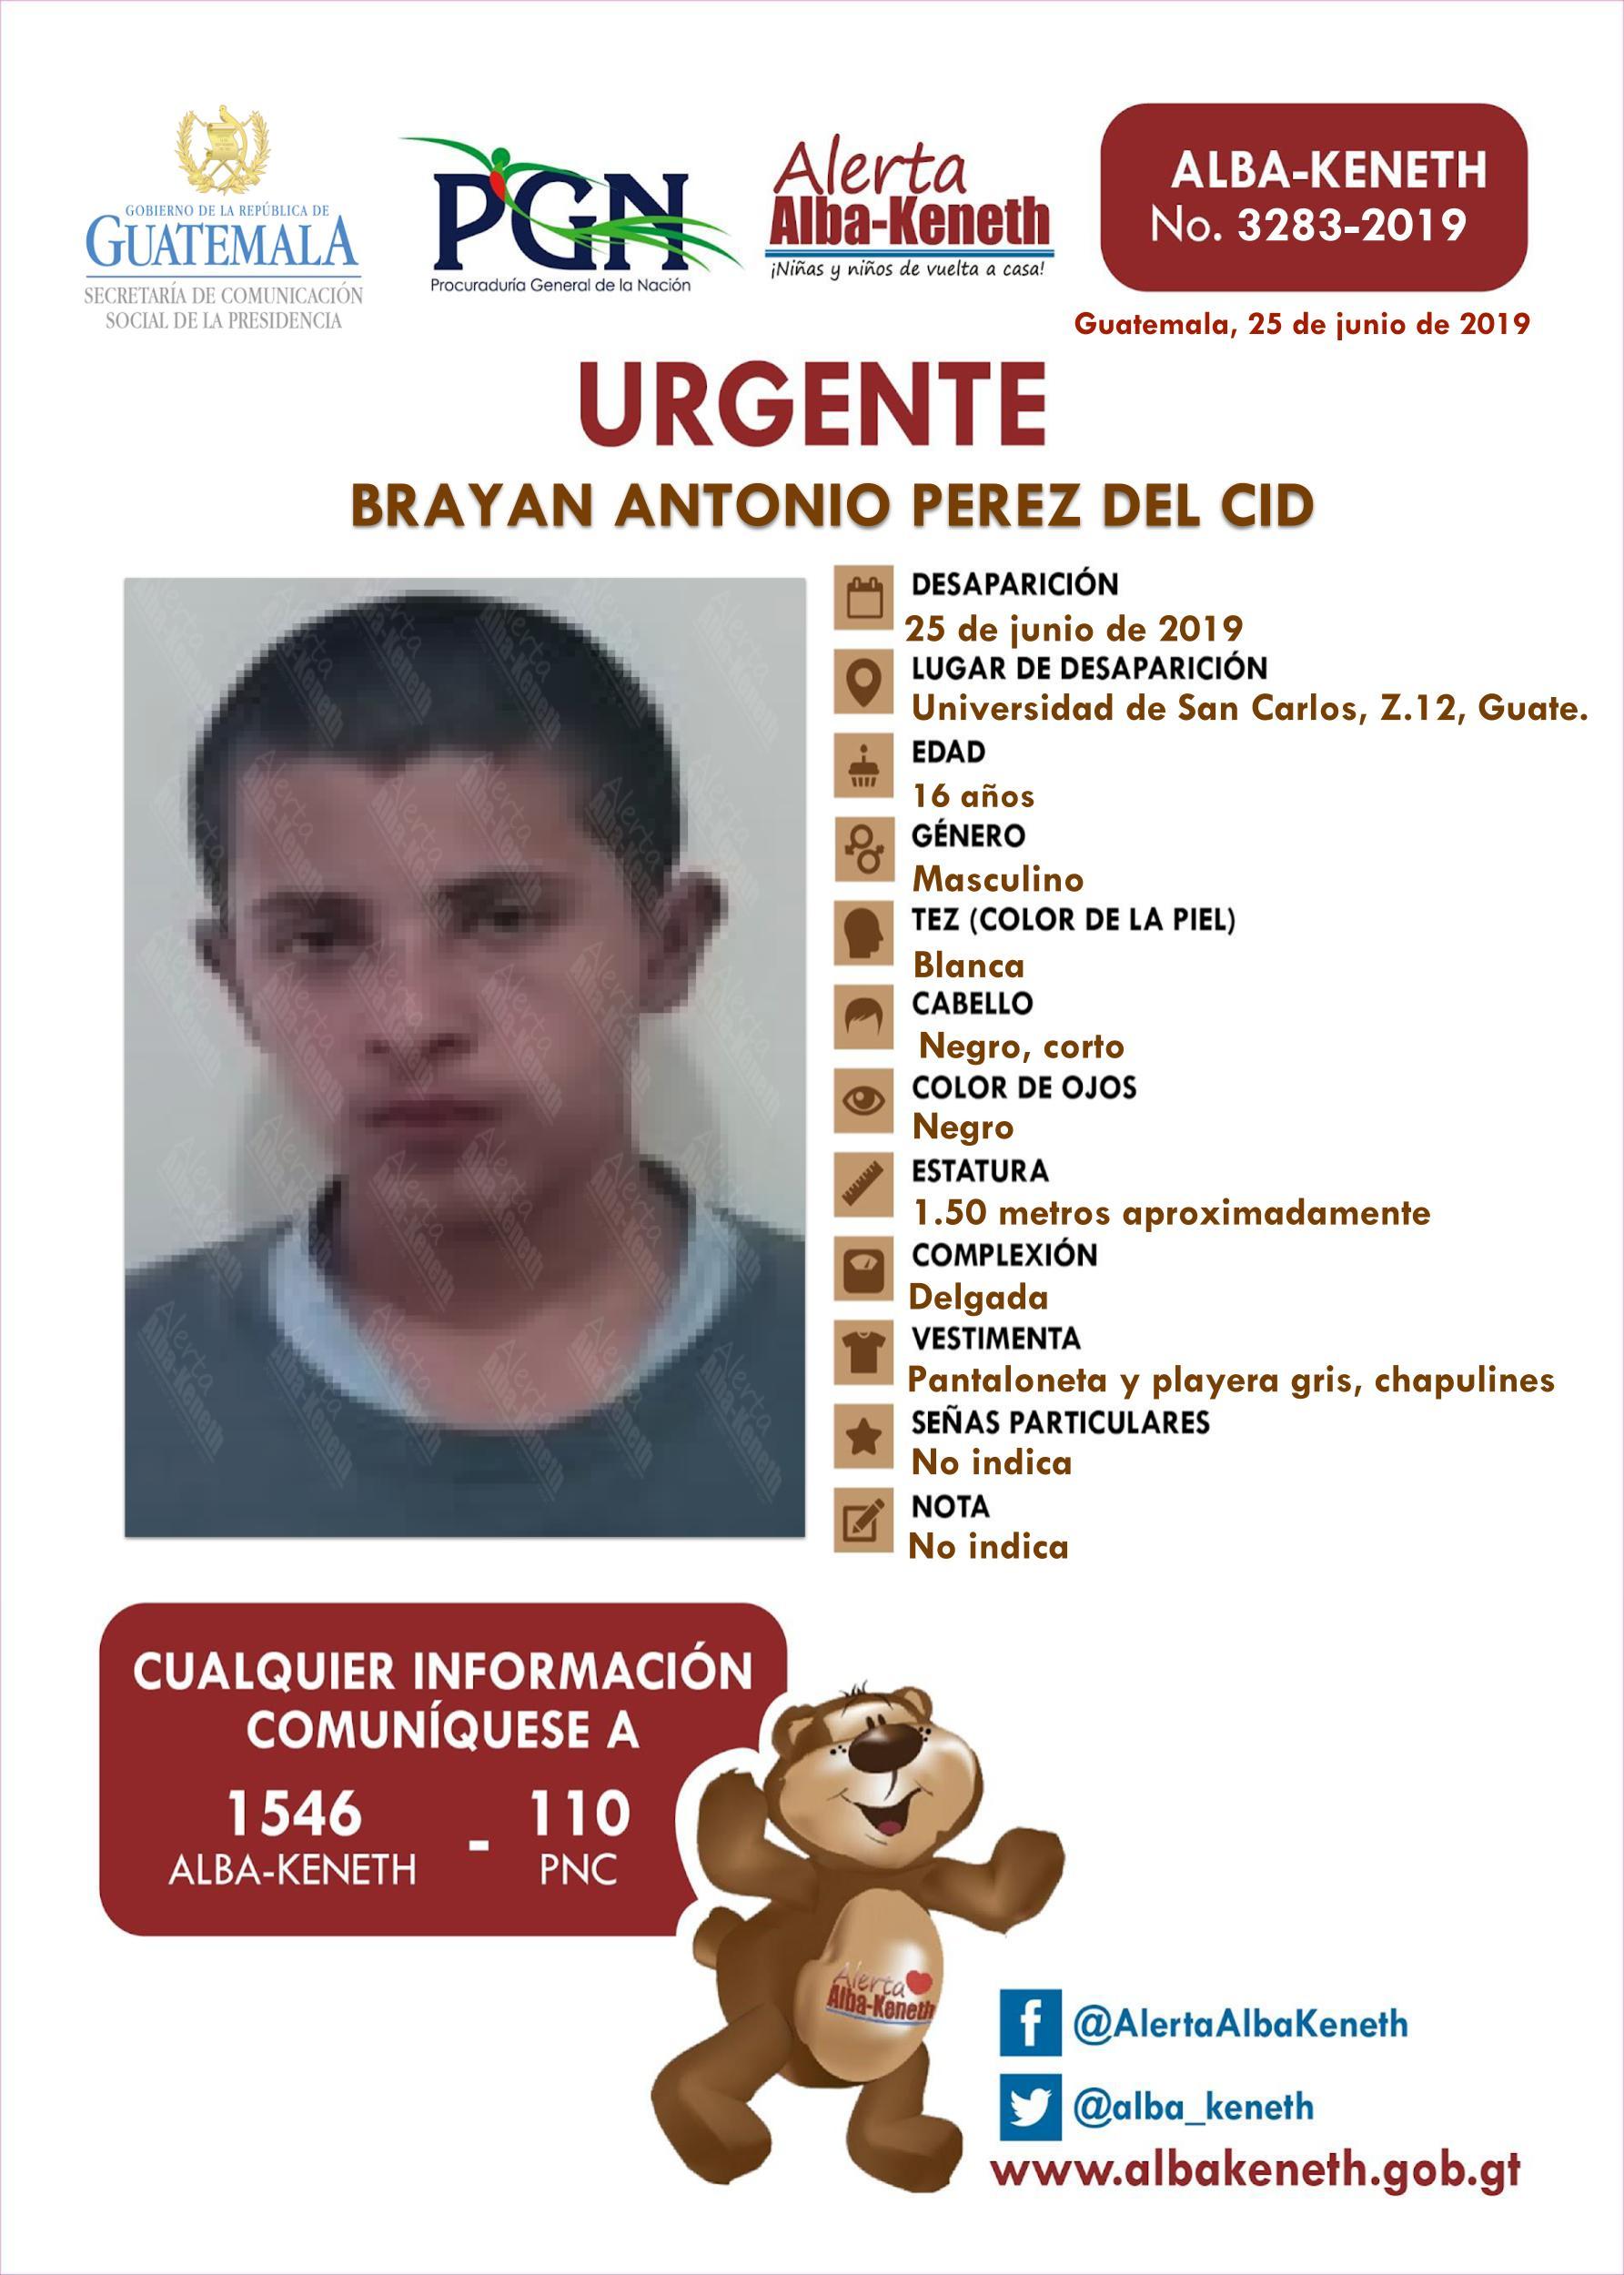 Brayan Antonio Perez del Cid